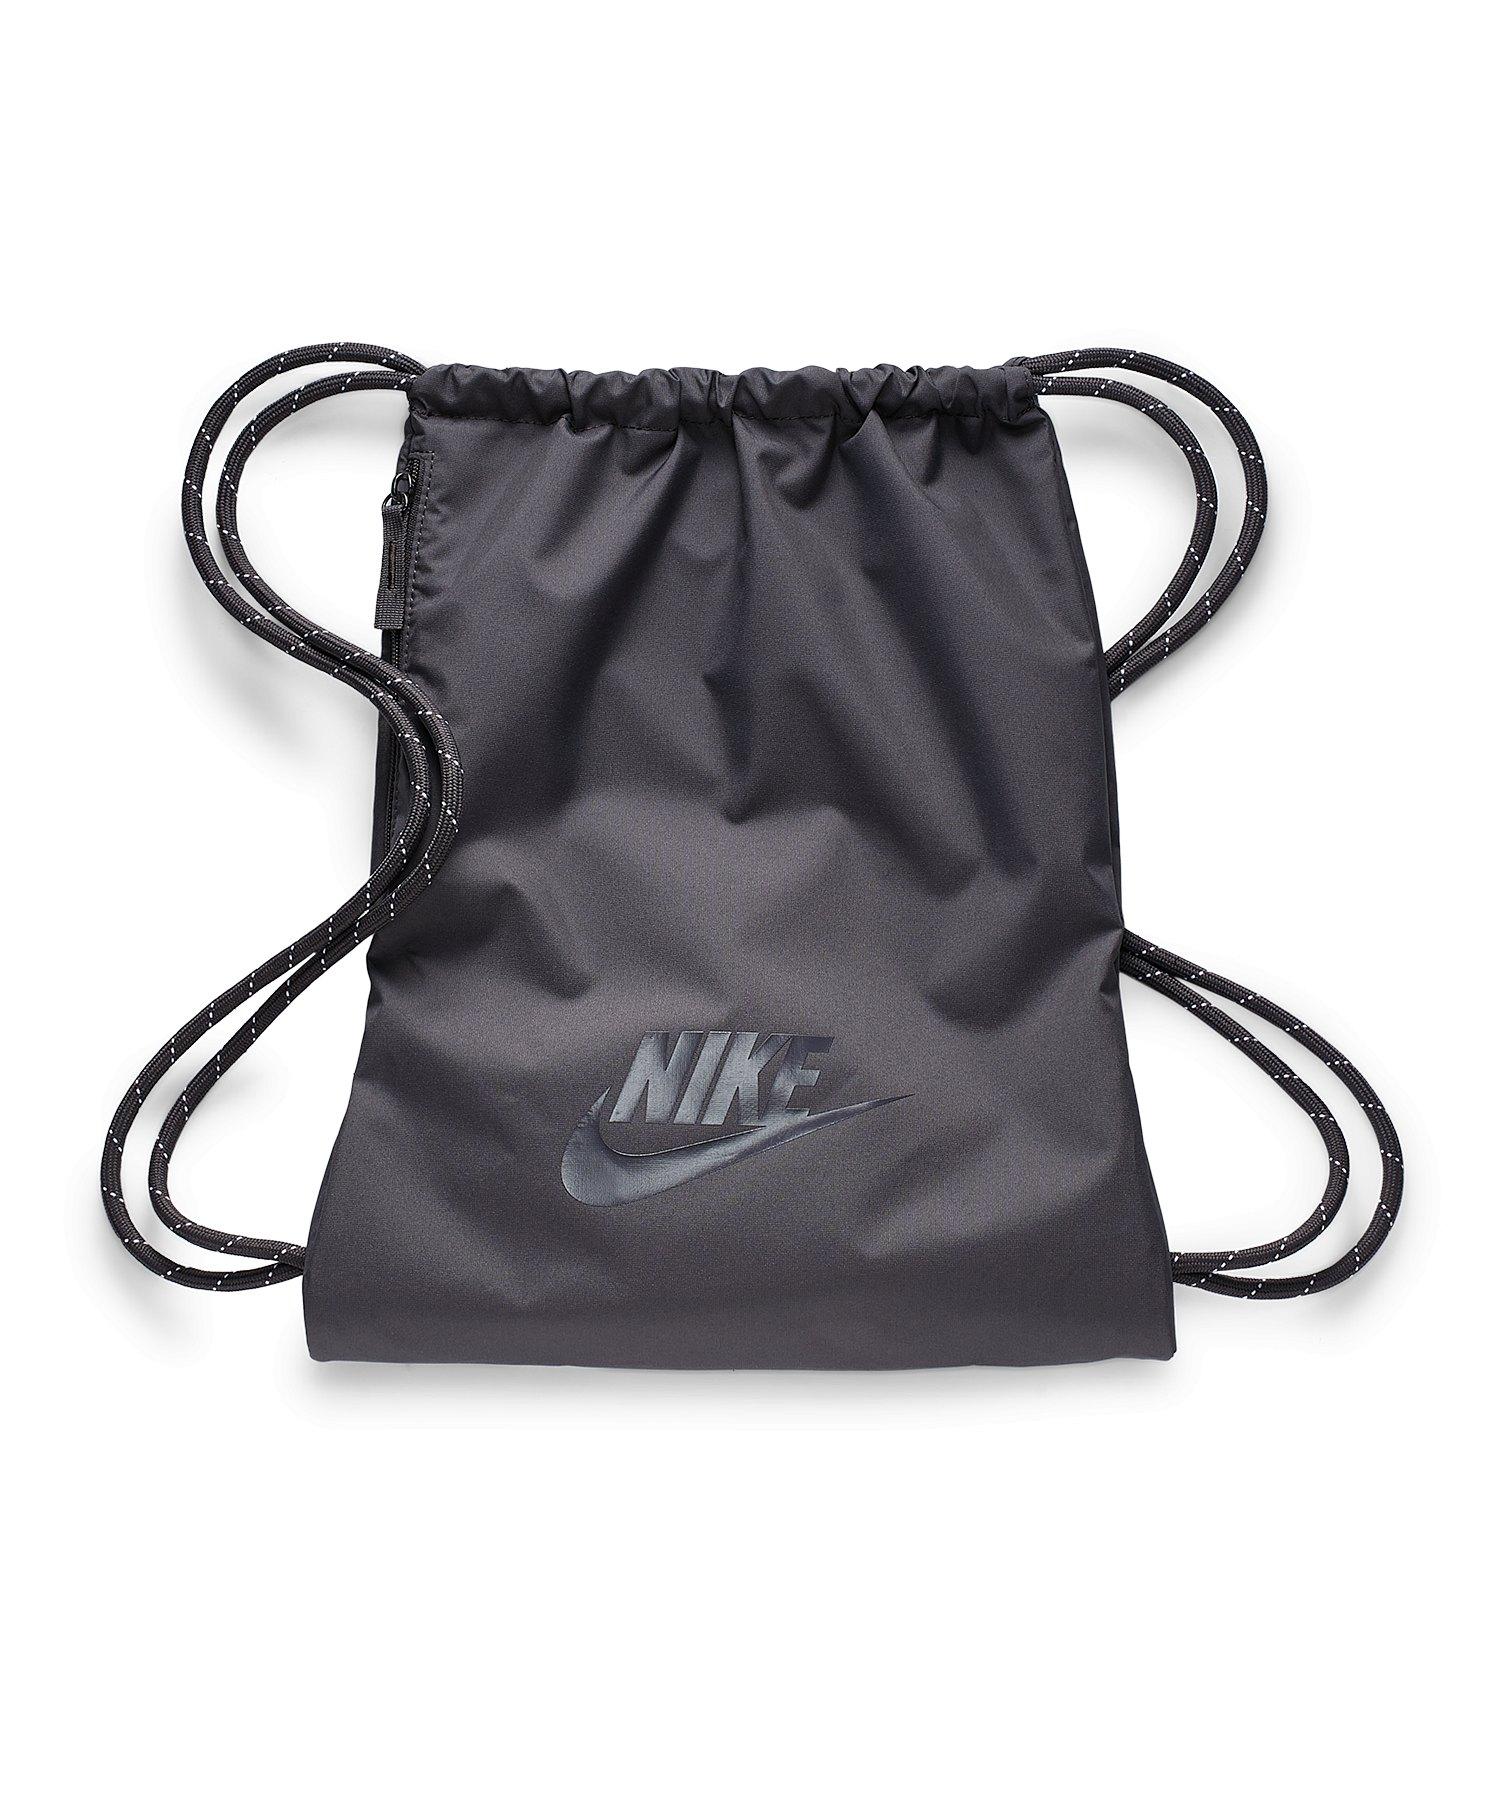 Nike Hertiage 2.0 Gymsack Grau F082 - grau